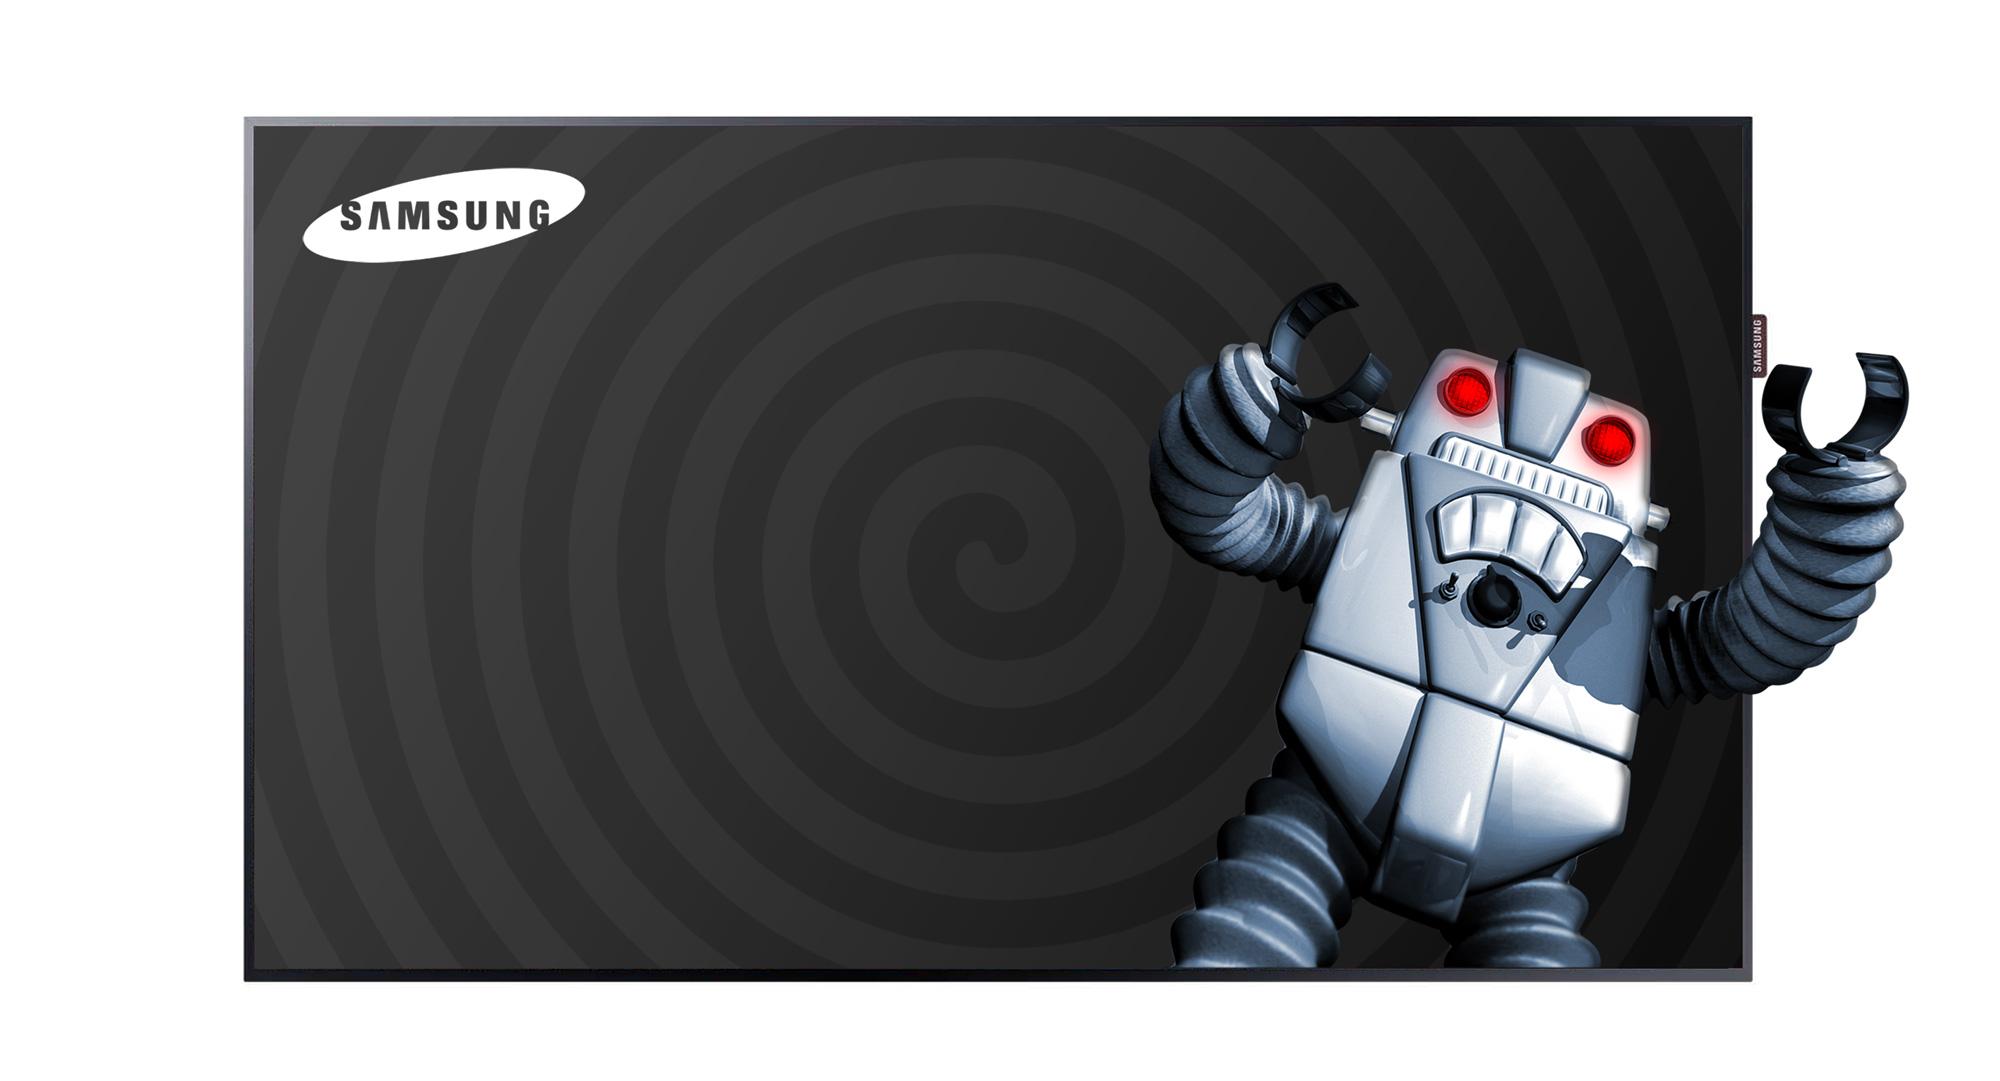 Samsung-PM43F-front-w-robot.jpg